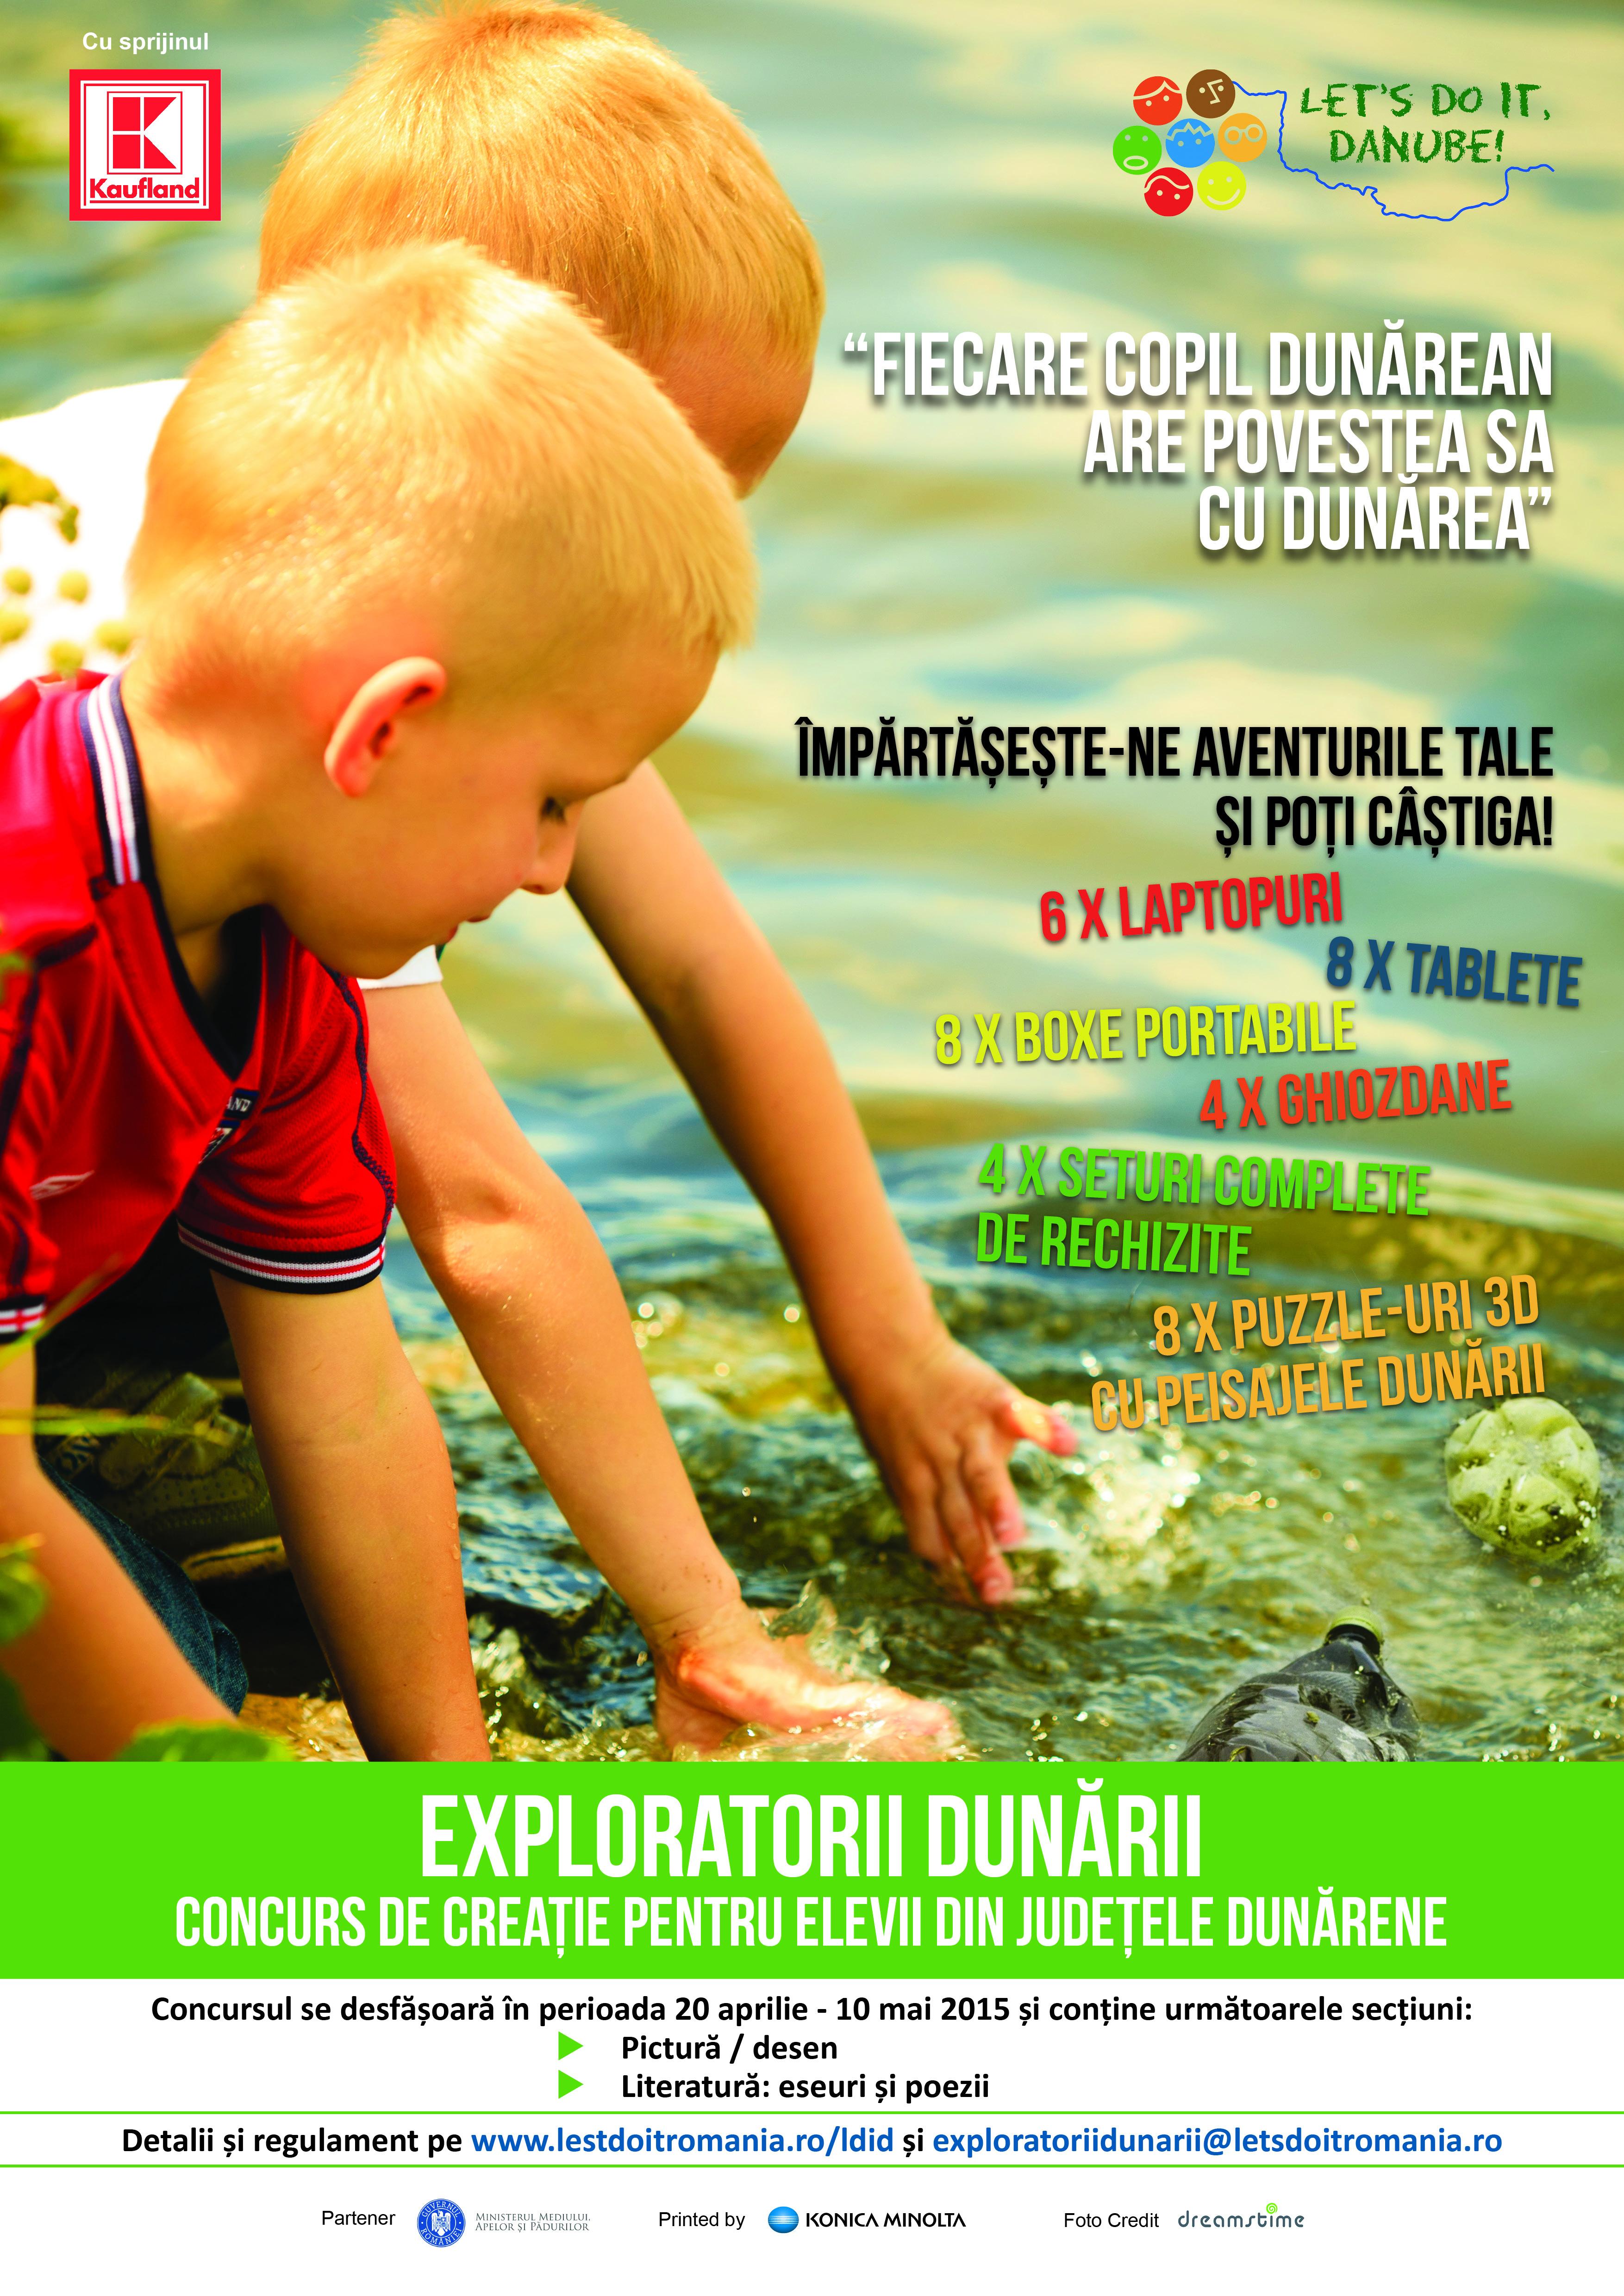 """""""Let's Do It, Danube!"""" organizează concursul de creație """"Exploratorii Dunării"""""""